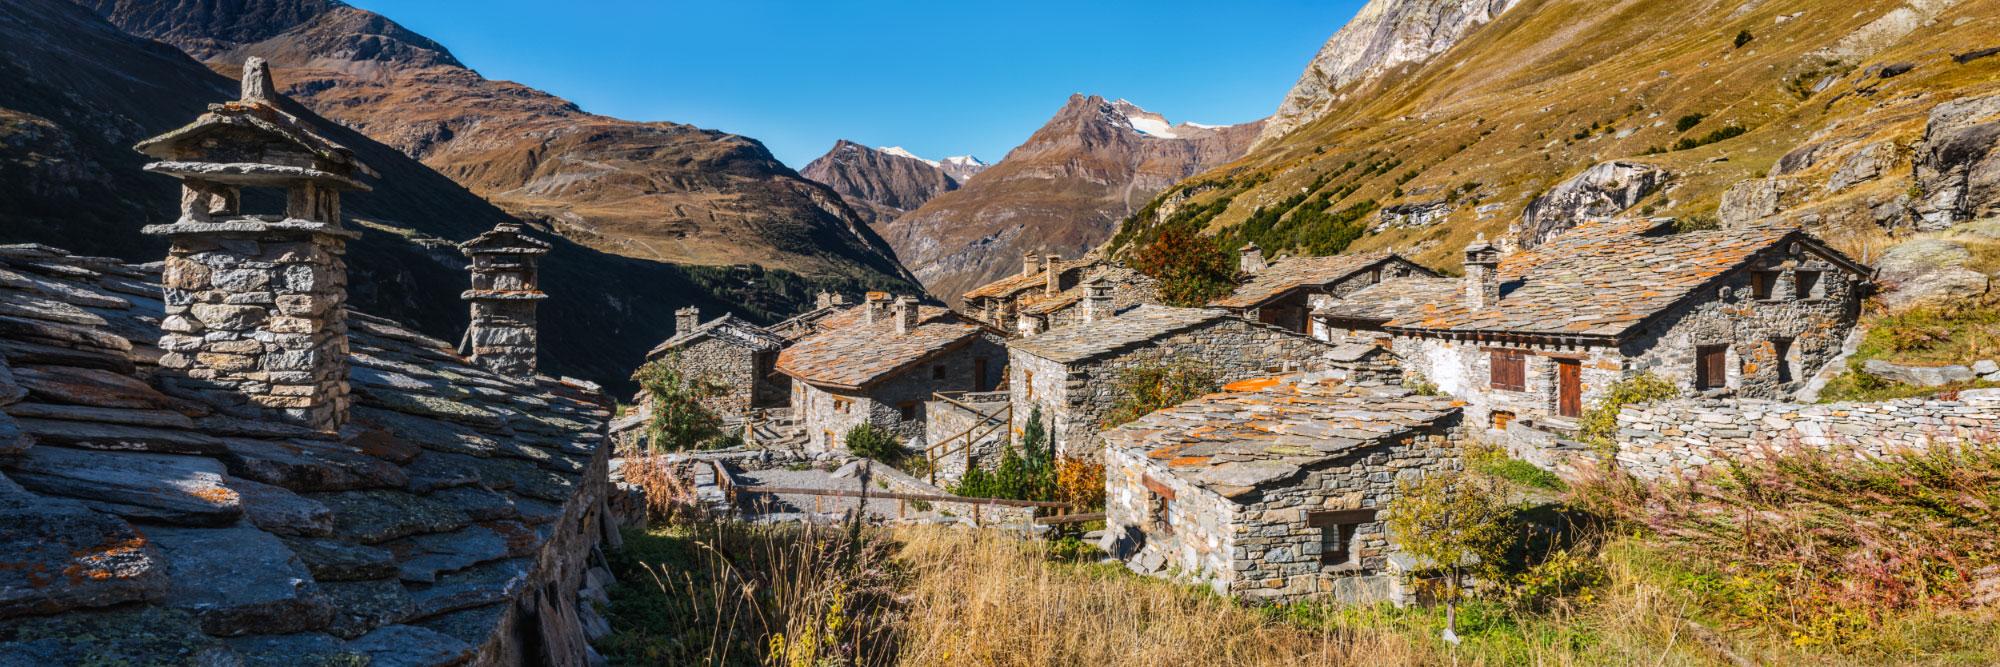 Hameau de l'Ecot, 2030m d'altitude, Maurienne, Vanoise